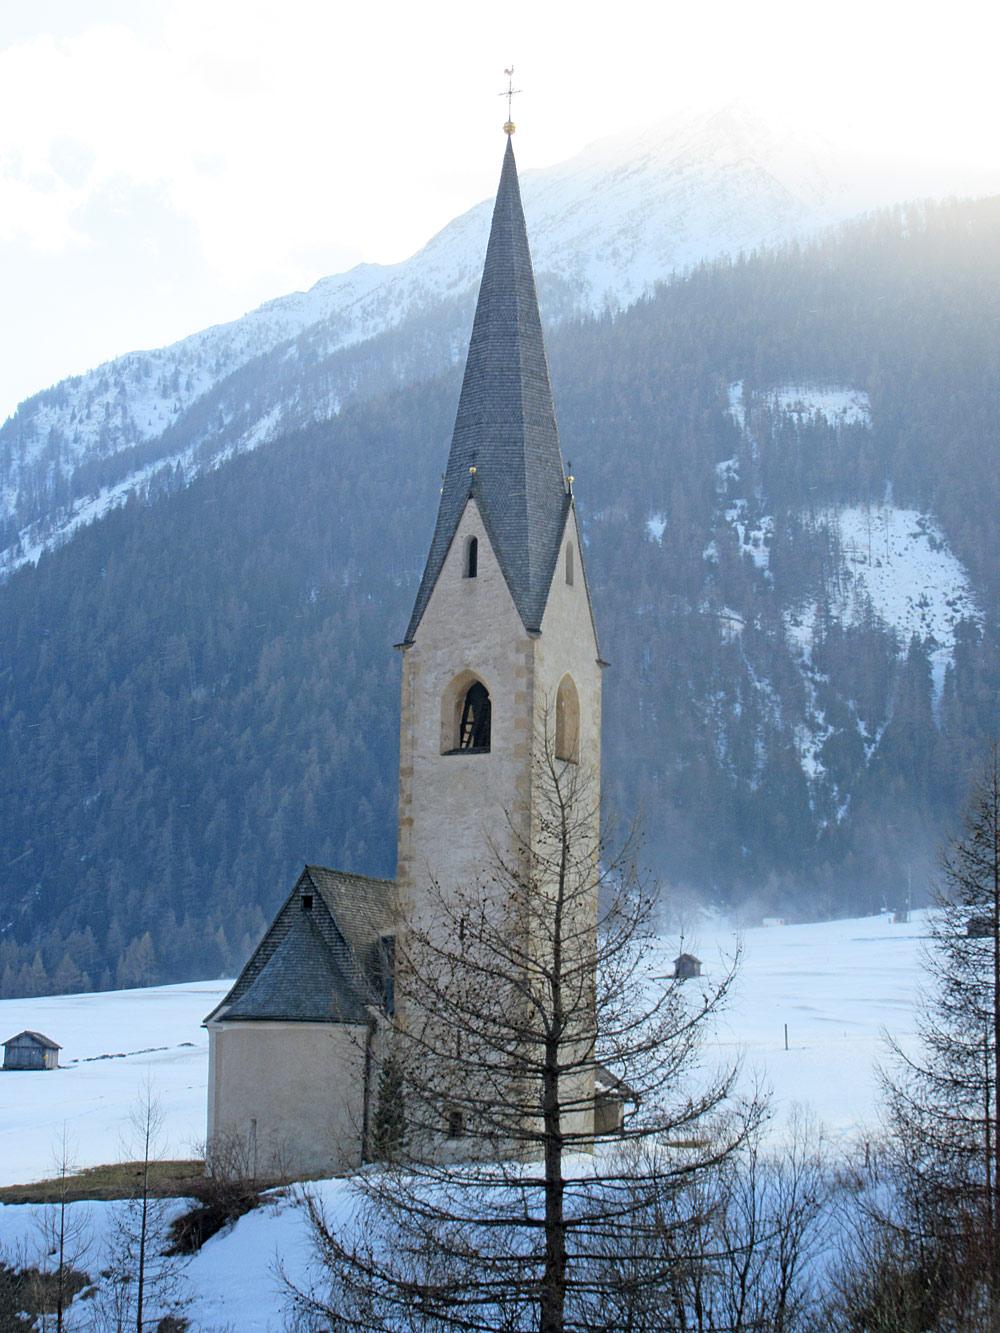 Blick auf die St. Georg-Kirche in Kals am Großglockner